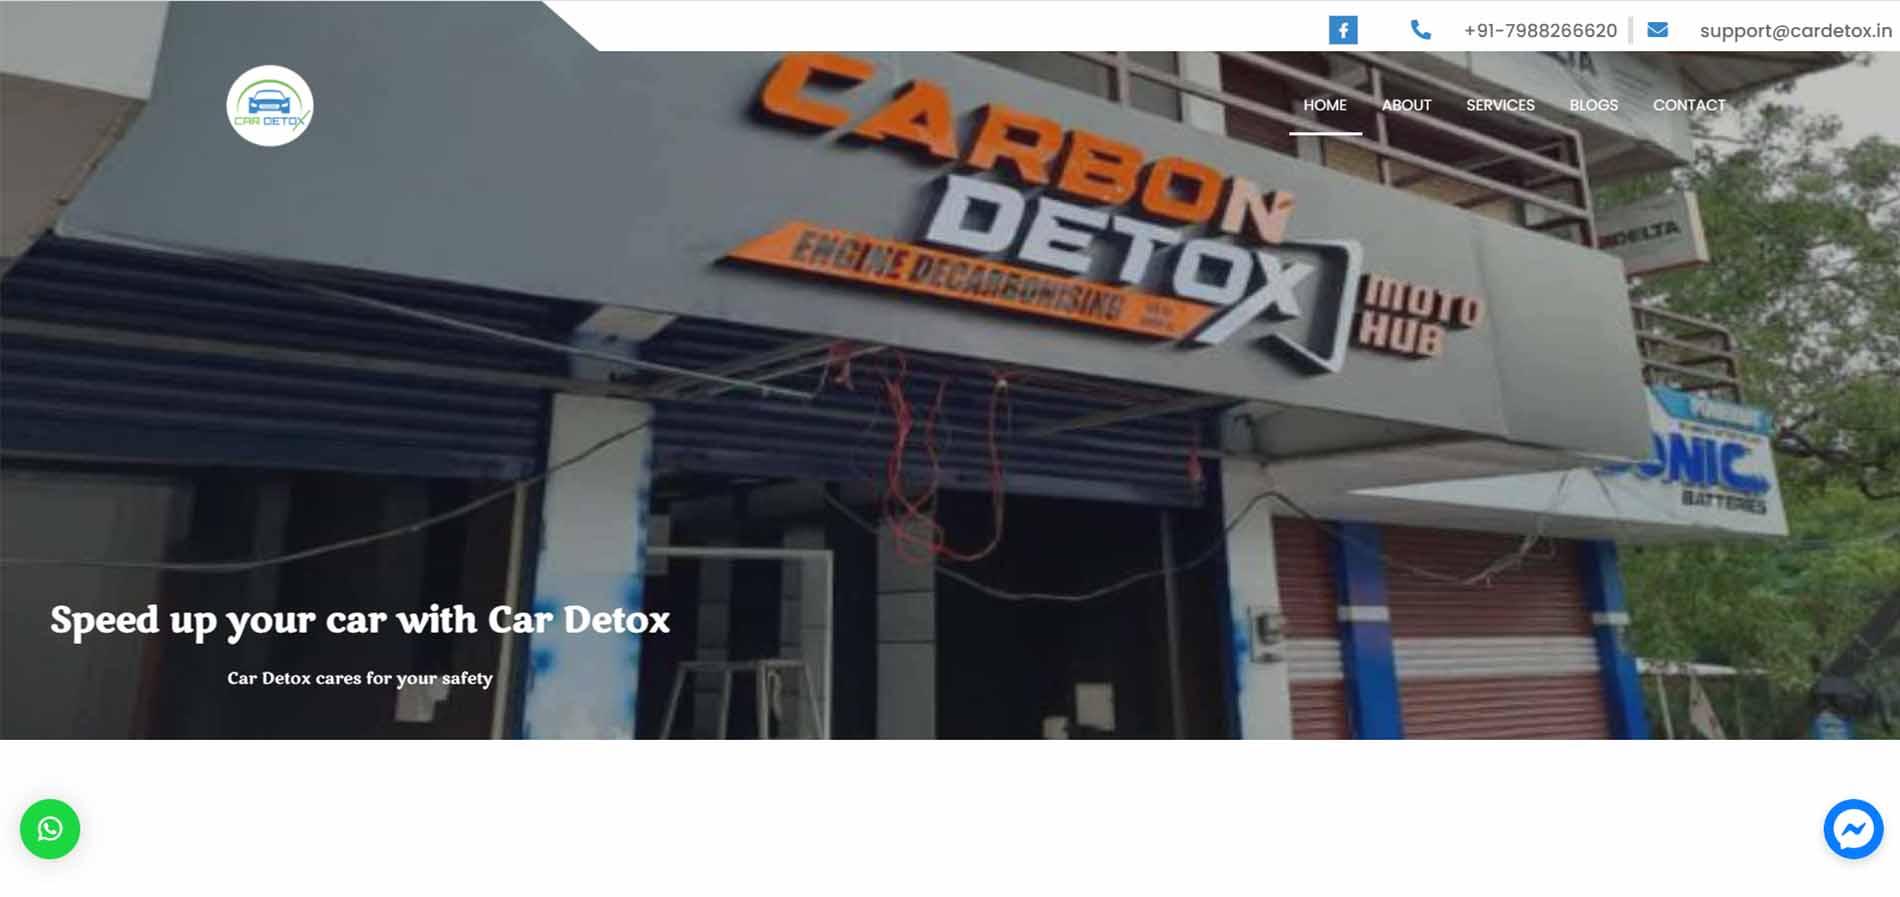 Car Detox